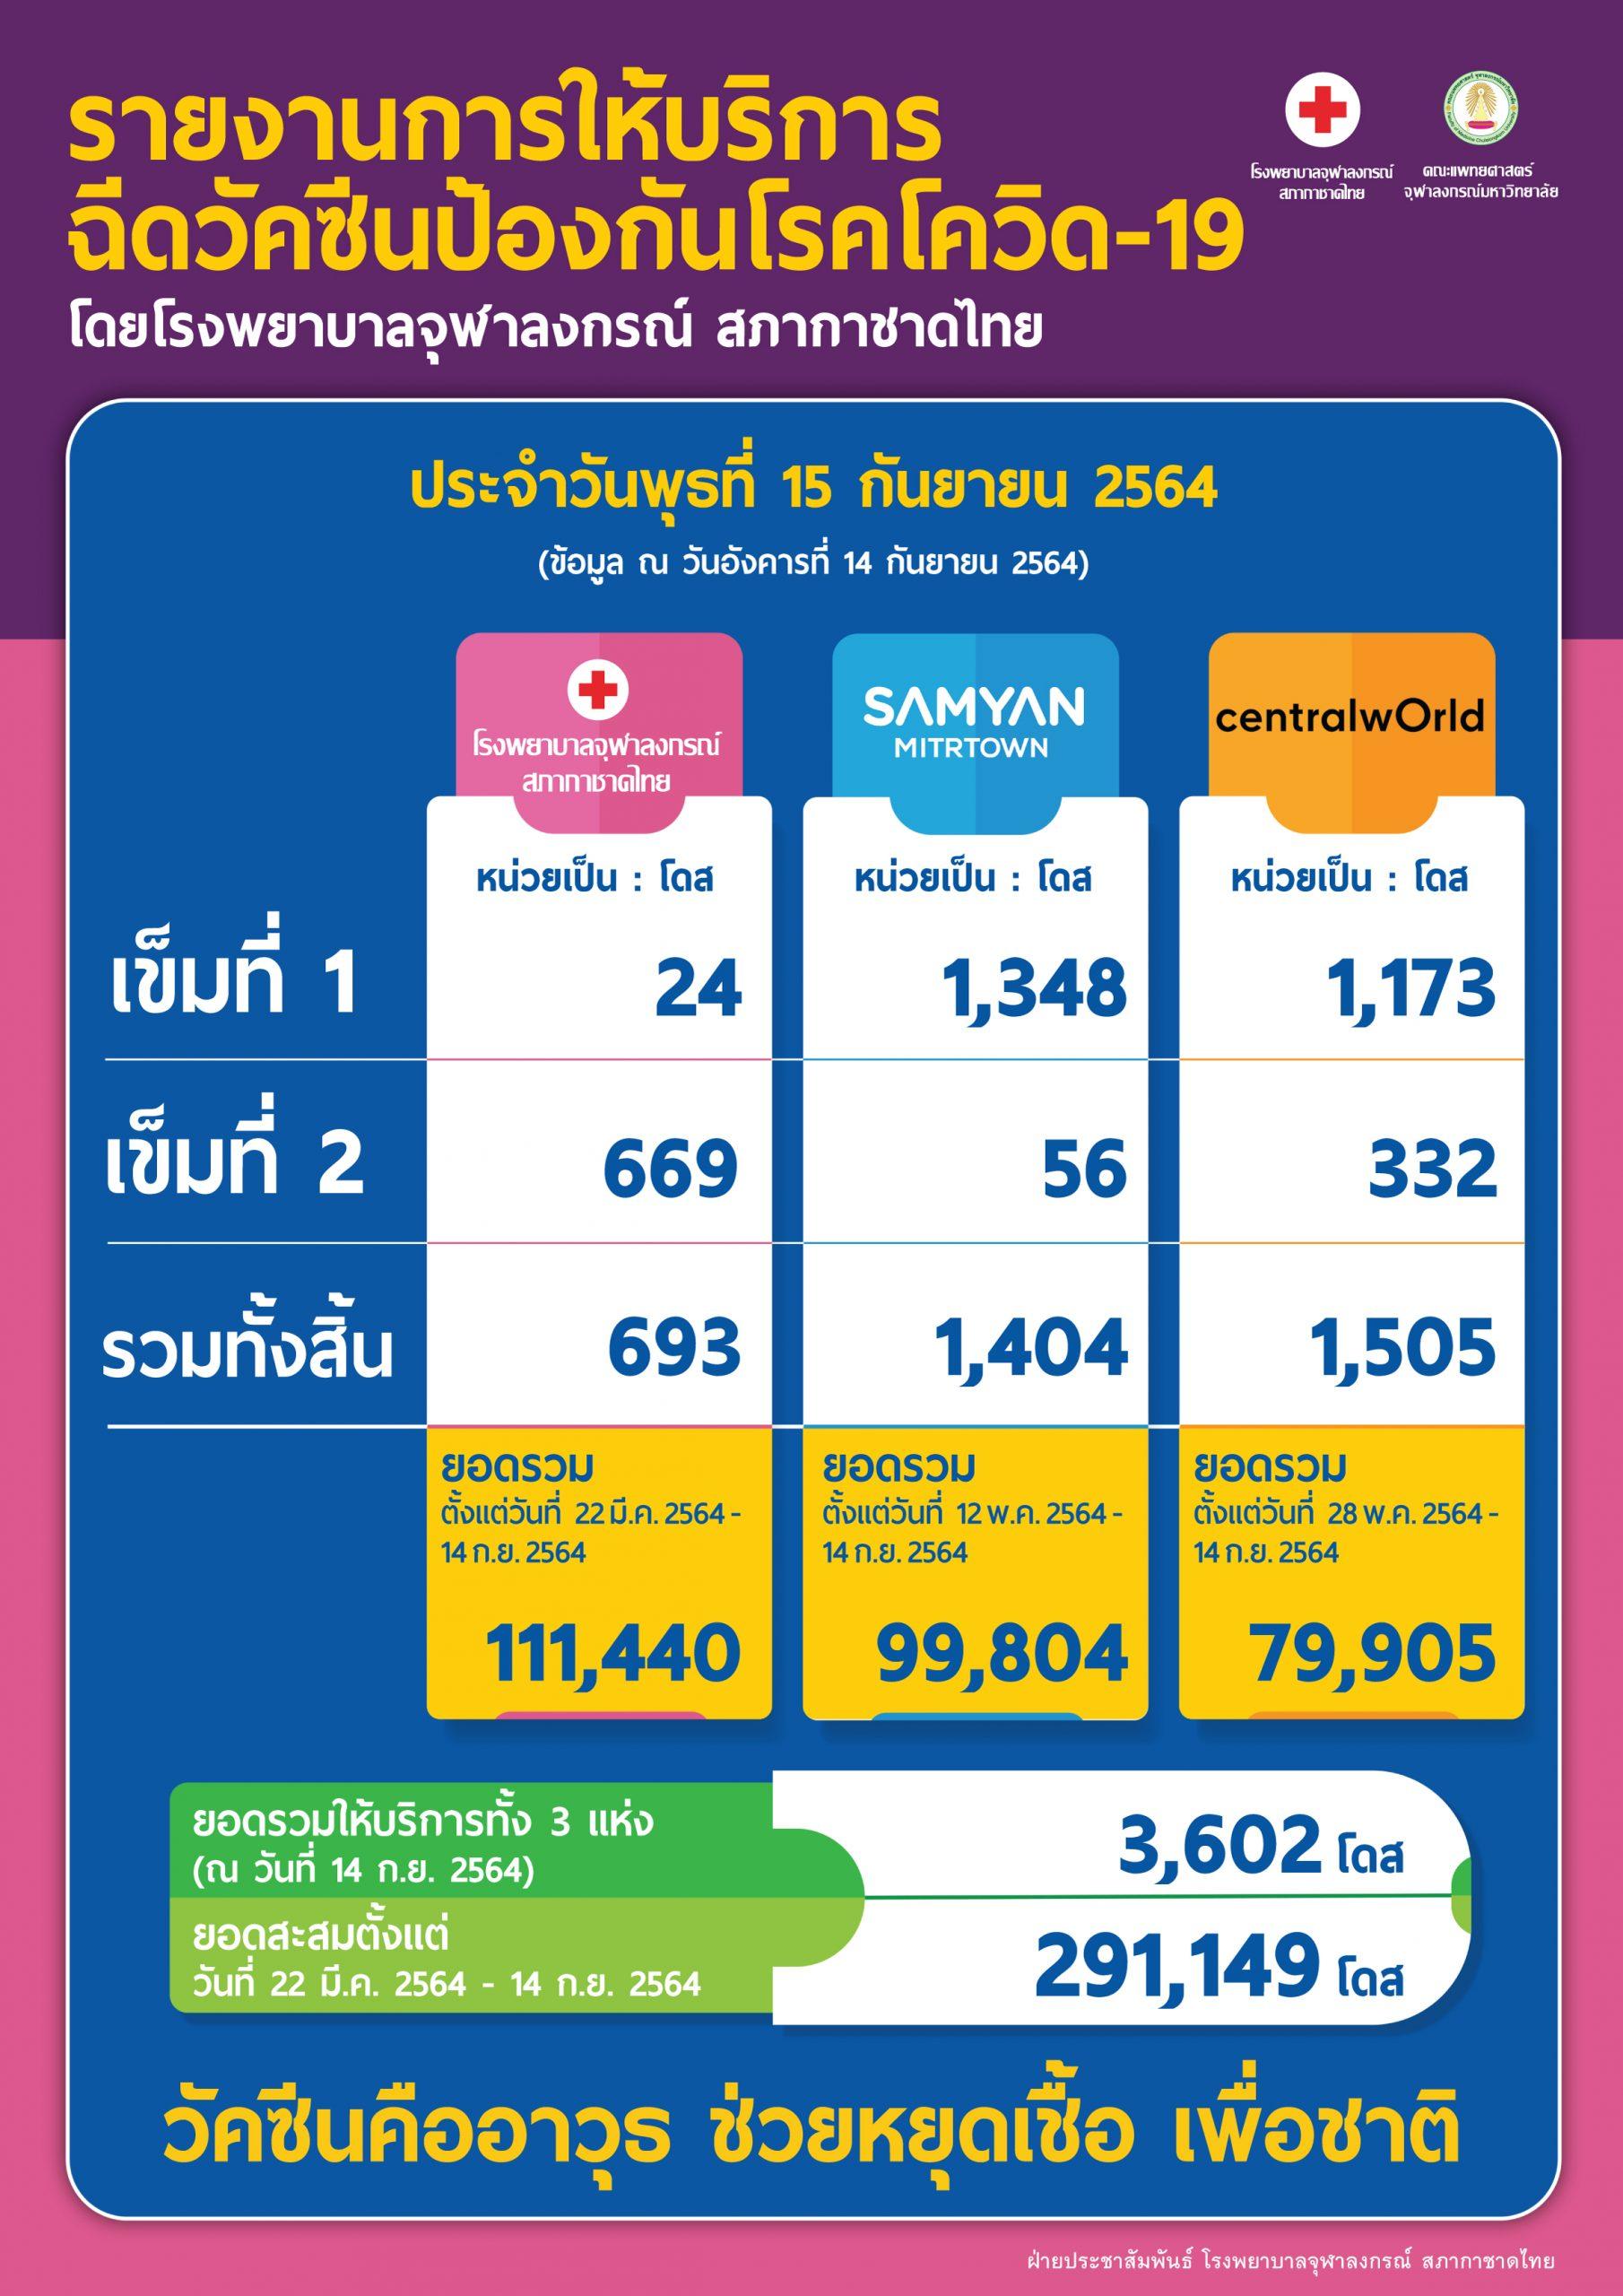 รายงานการให้บริการฉีดวัคซีนป้องกันโรคโควิด-19 โดยโรงพยาบาลจุฬาลงกรณ์ สภากาชาดไทย ประจำวันพุธที่ 15 กันยายน 2564